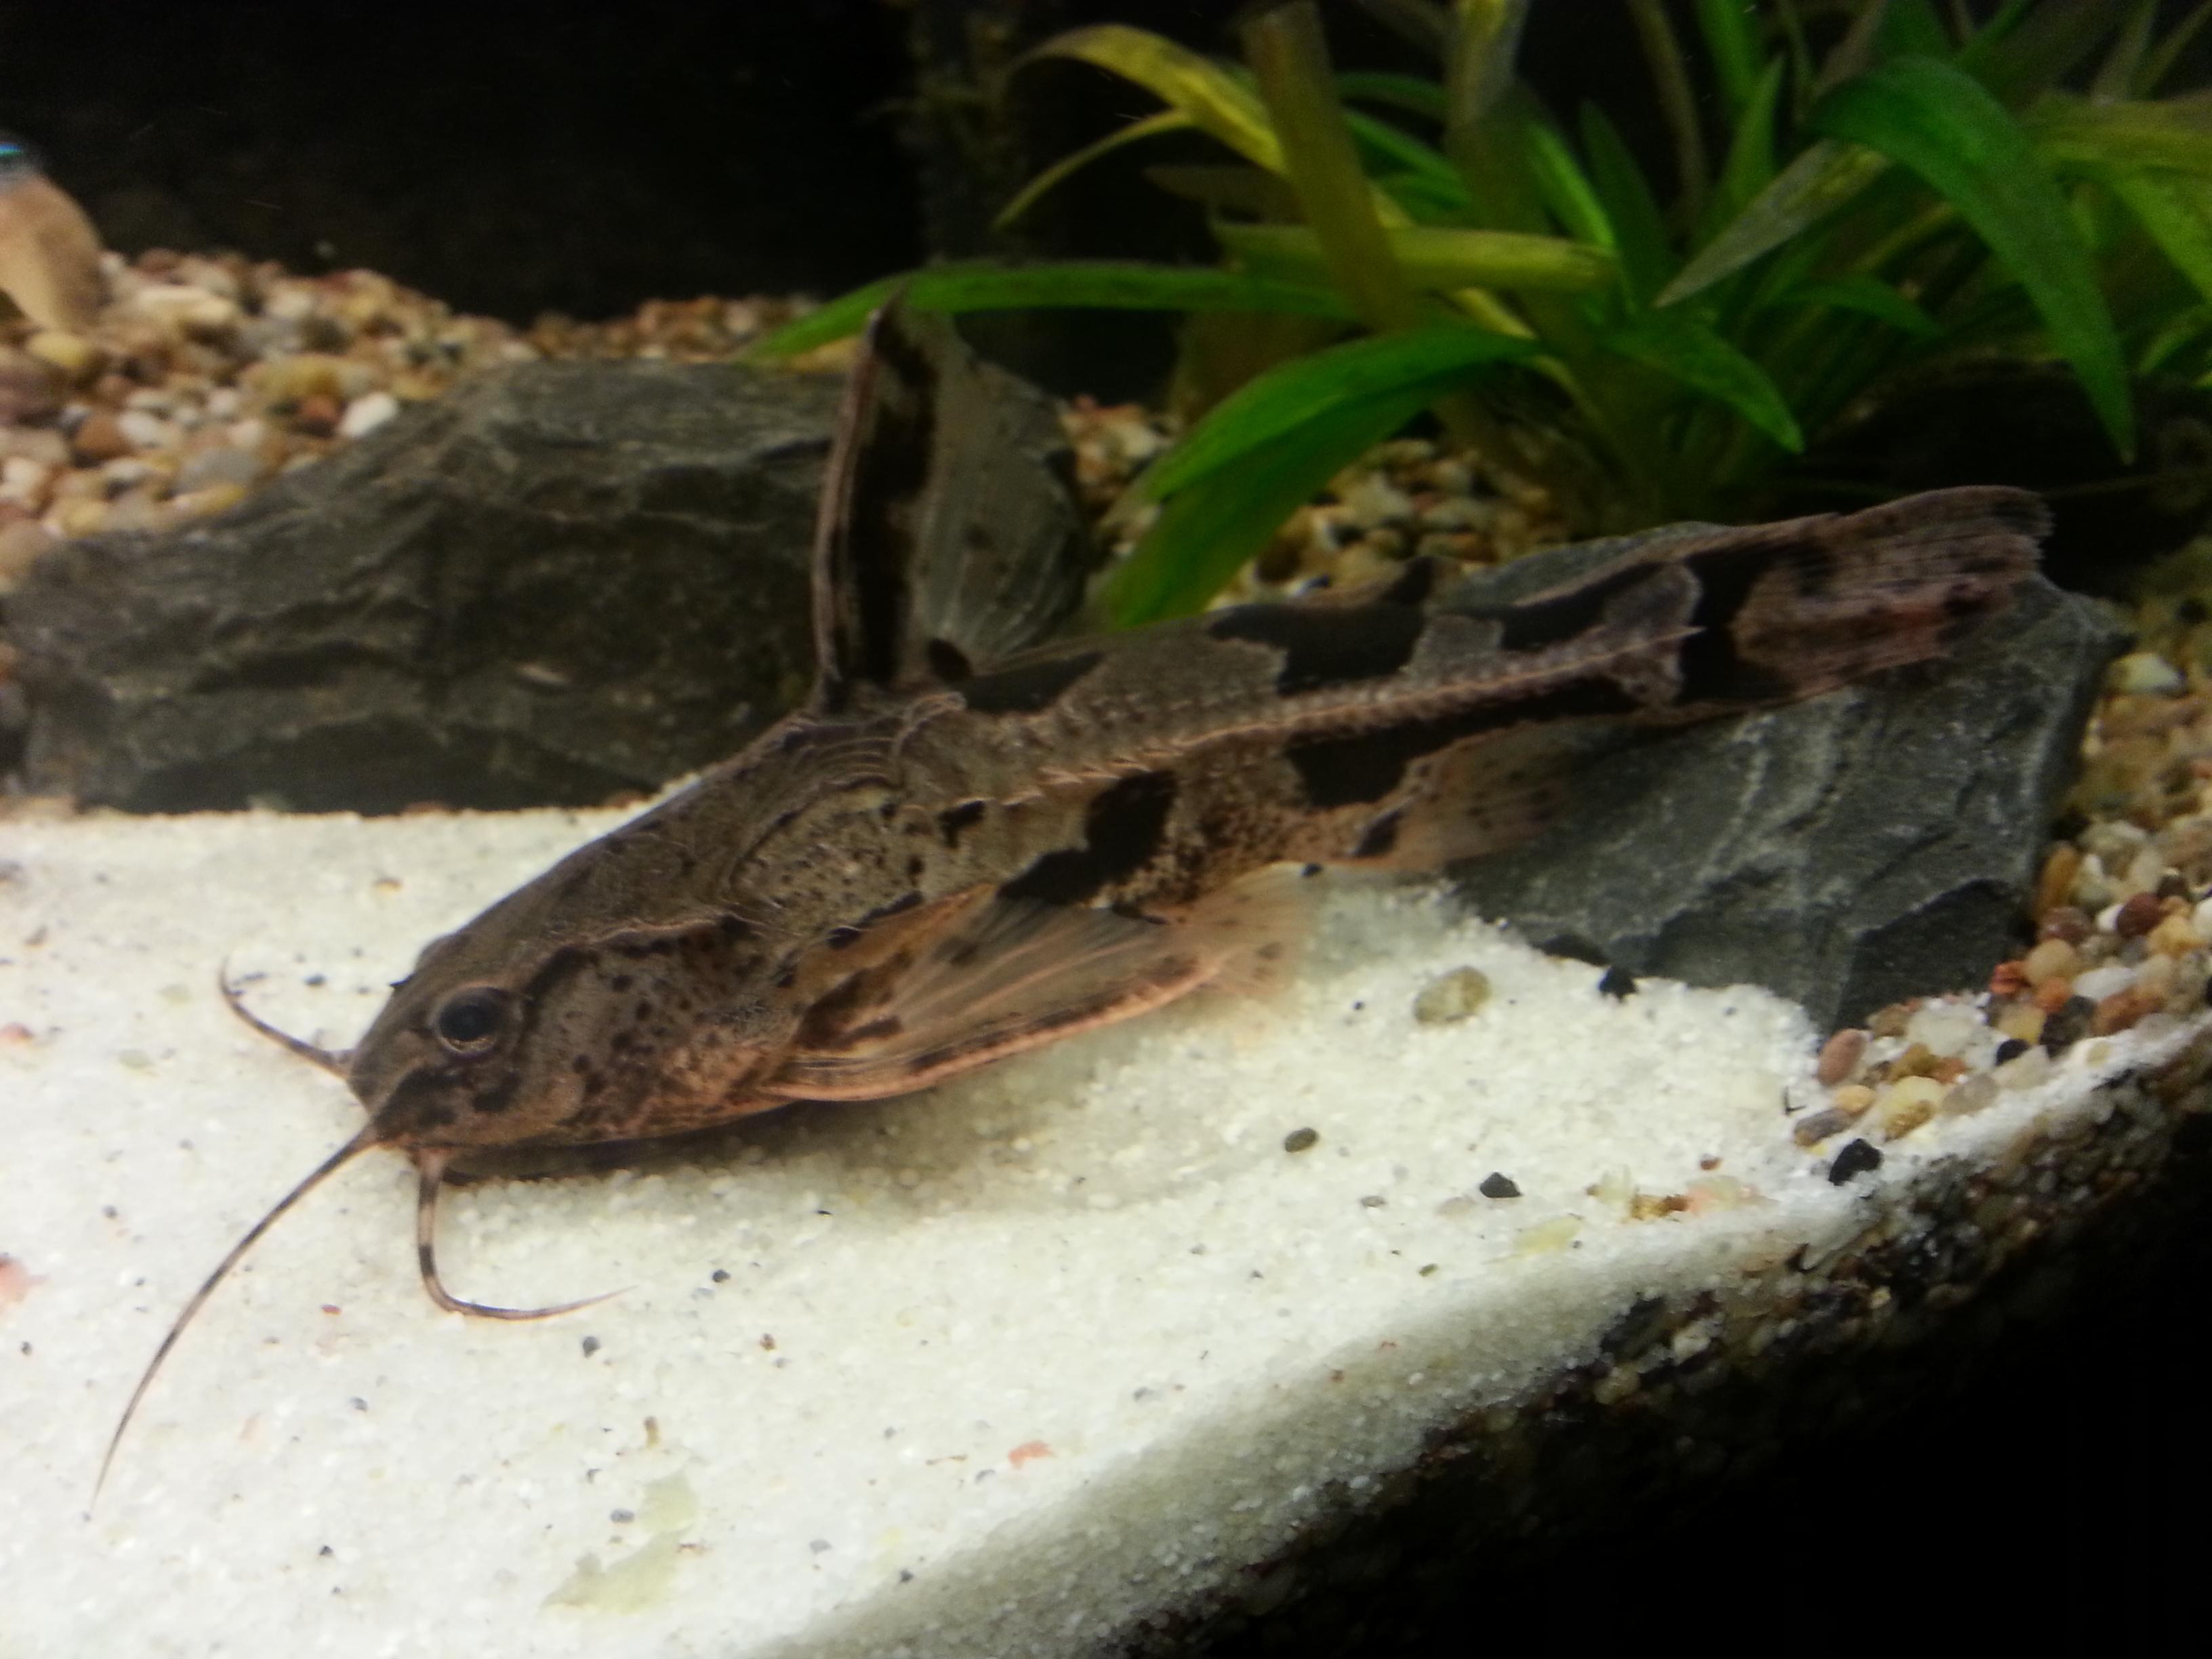 Welche art von wels ist das fische aquarium aquaristik for Aquarium fische arten